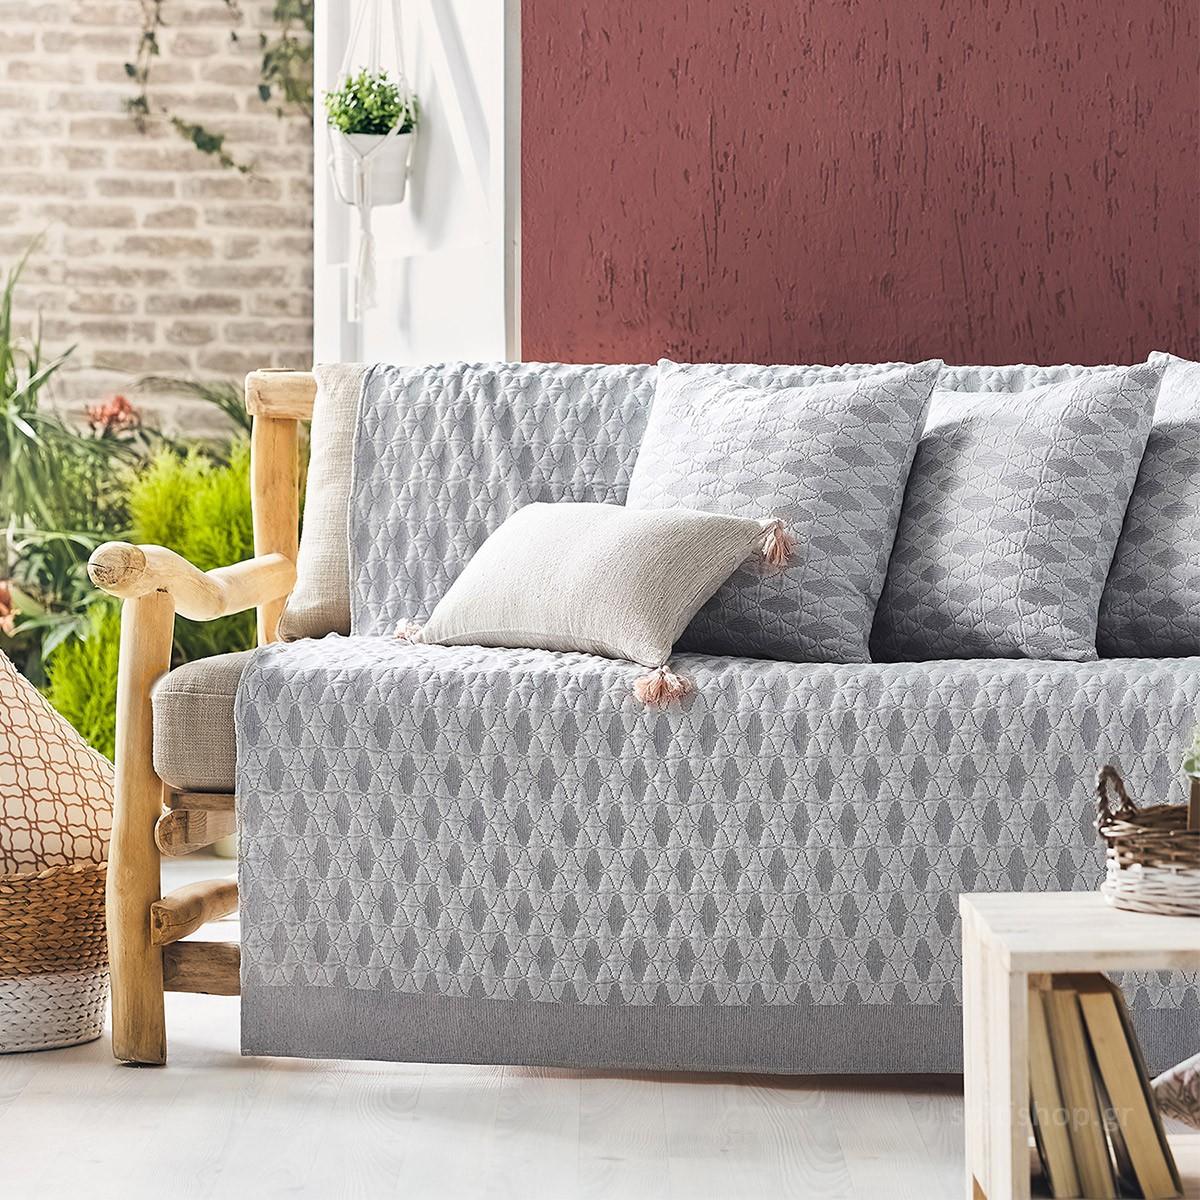 Ριχτάρι Τριθέσιου (180×310) Gofis Home Quattro Grey 386/15